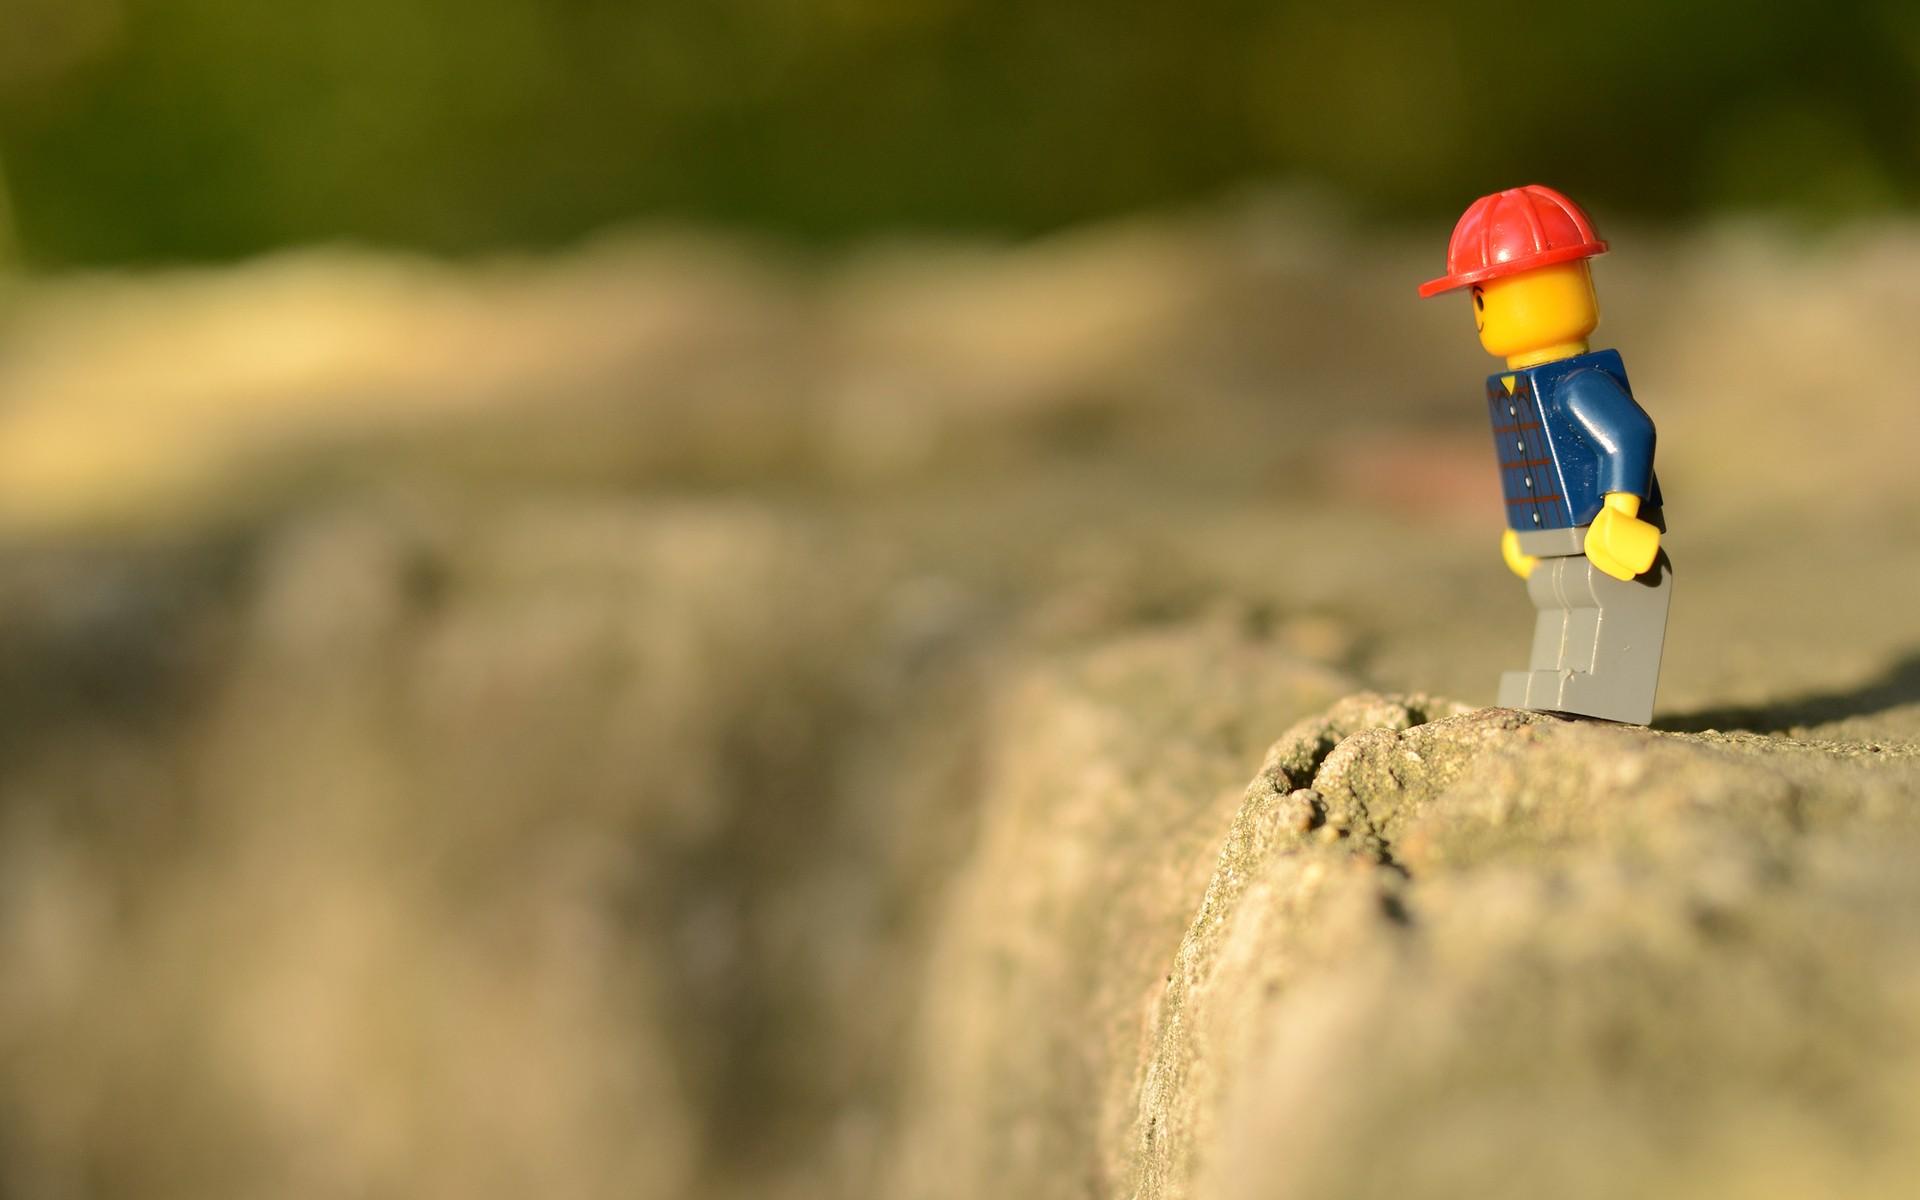 lego wallpaper 2435